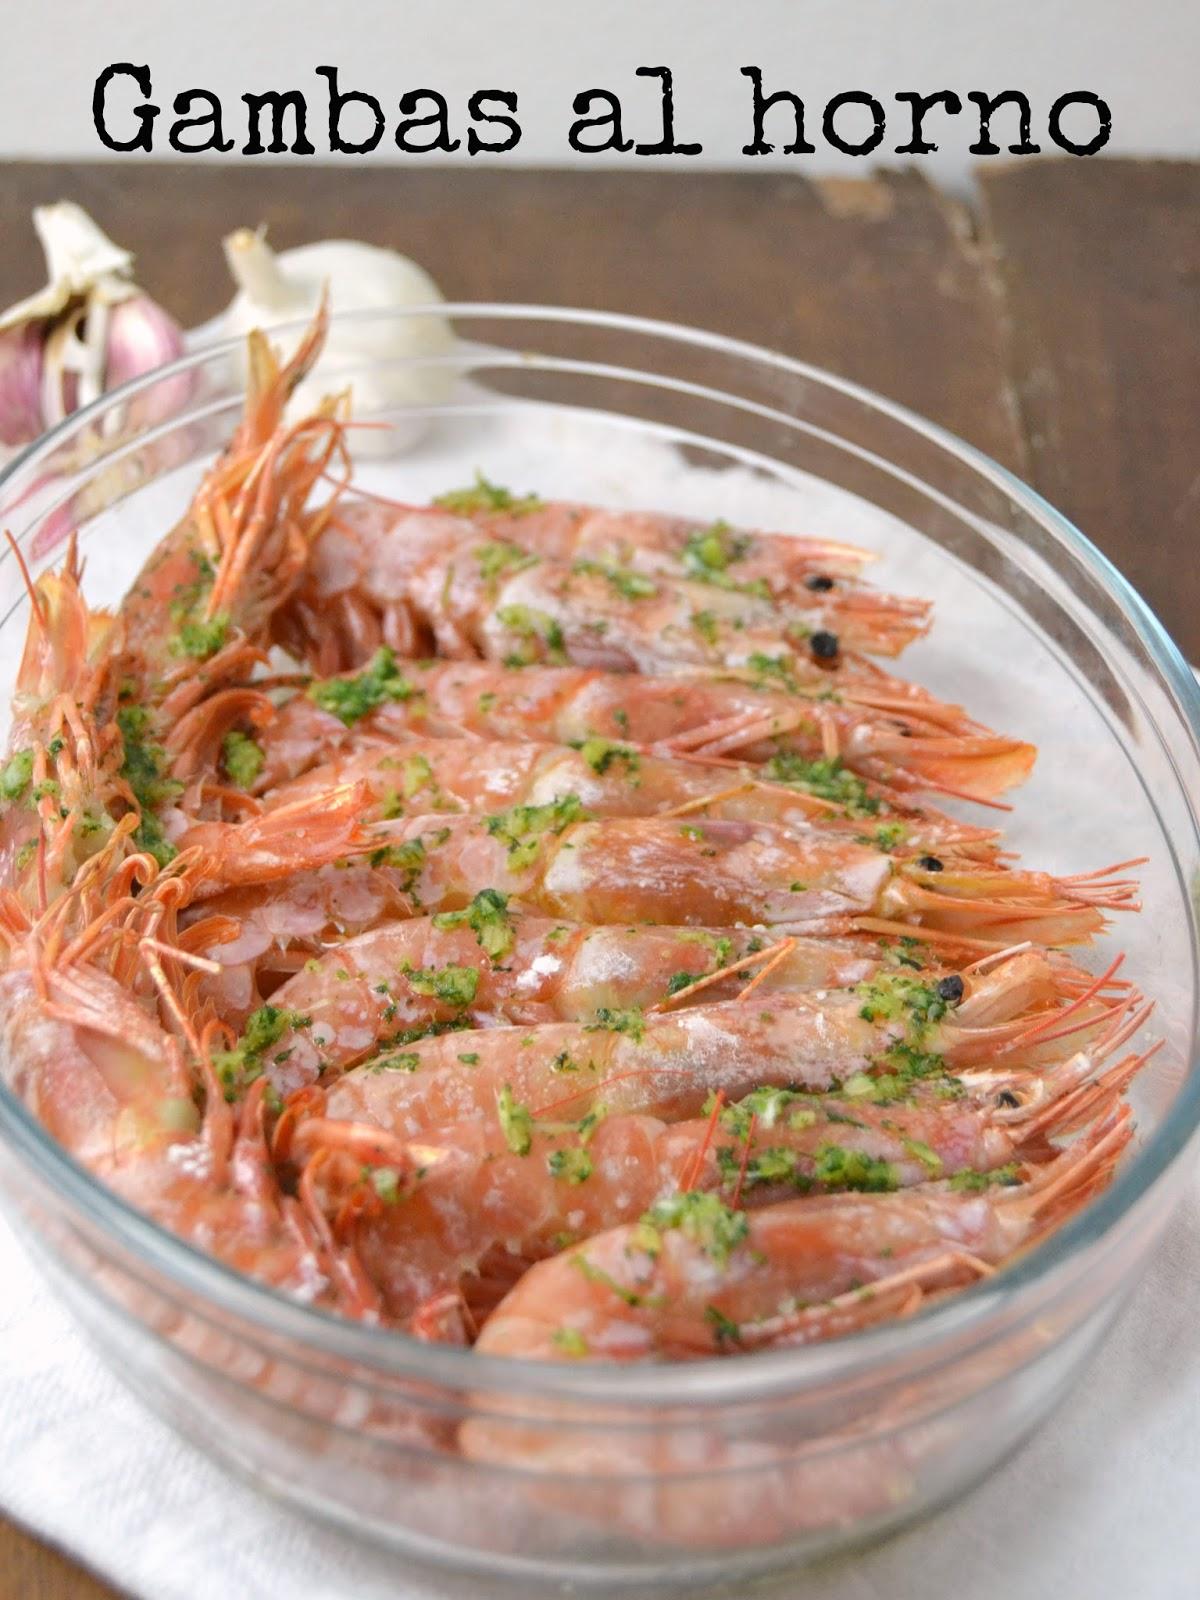 Recetas De Cocina Recetas De Cocina | Gambas Al Horno Con Ajo Y Perejil Cuuking Recetas De Cocina